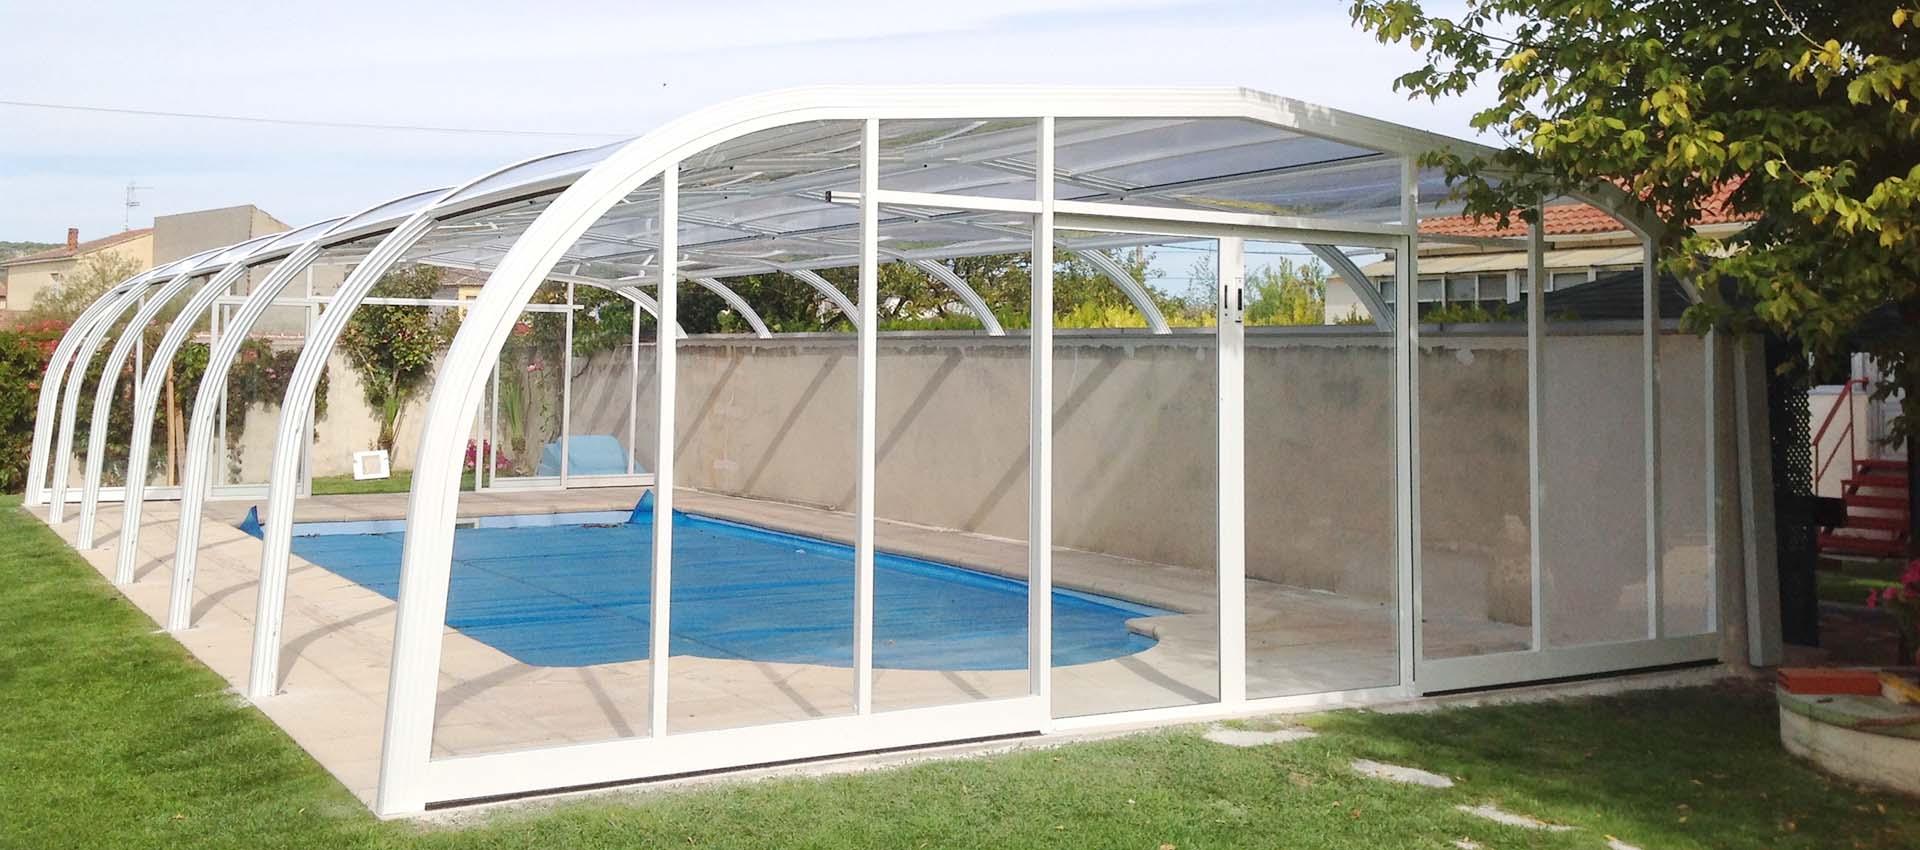 Cubiertas de piscinas altas adosadas 3 modelos a elegir - Cubierta para piscinas ...